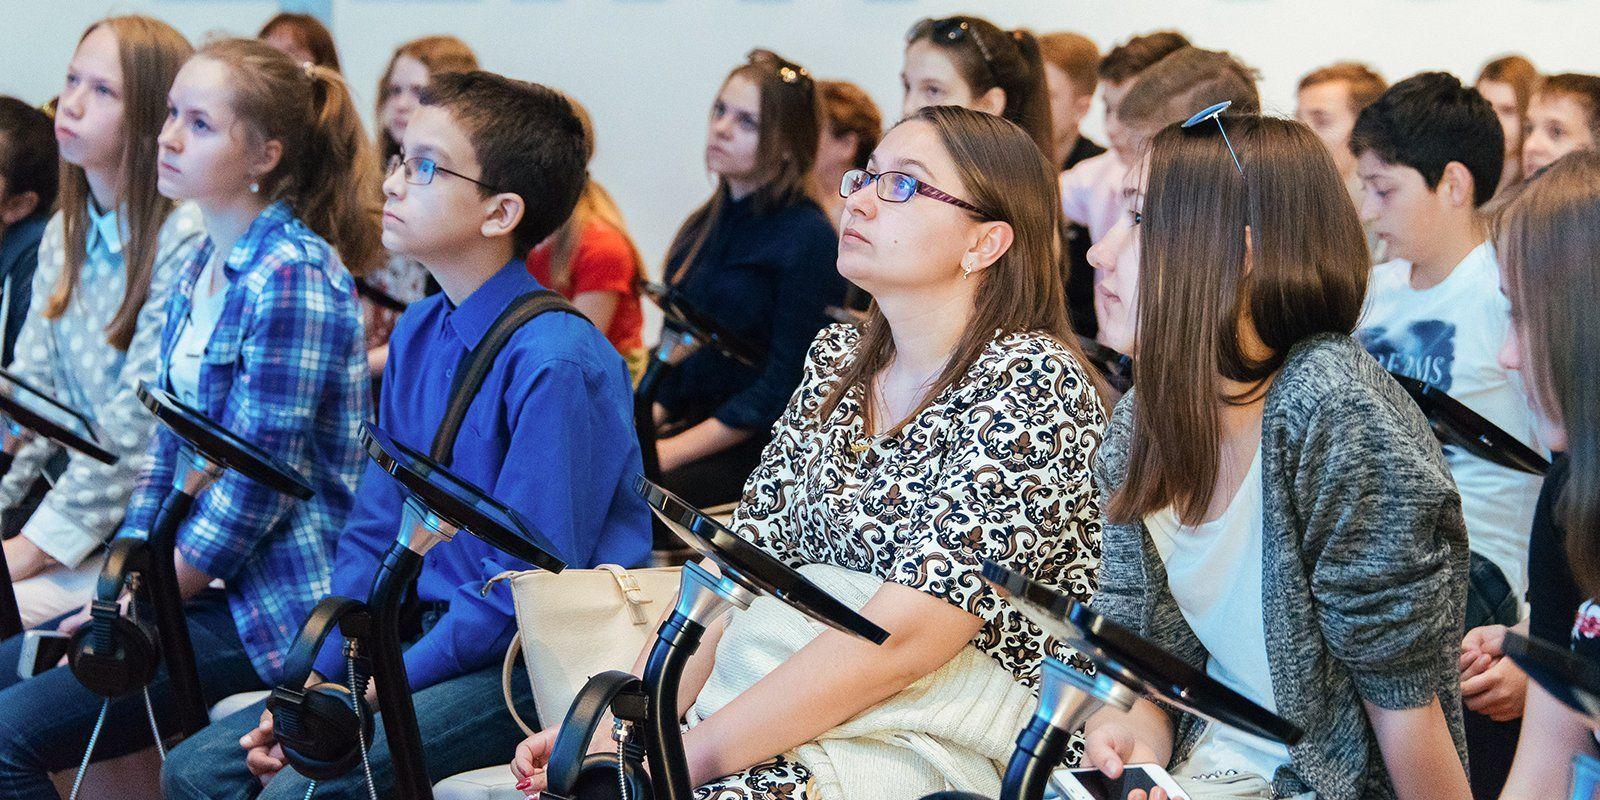 Тематическое мероприятие «Искусство быть человеком» состоится в Еврейском музее и центре толерантности